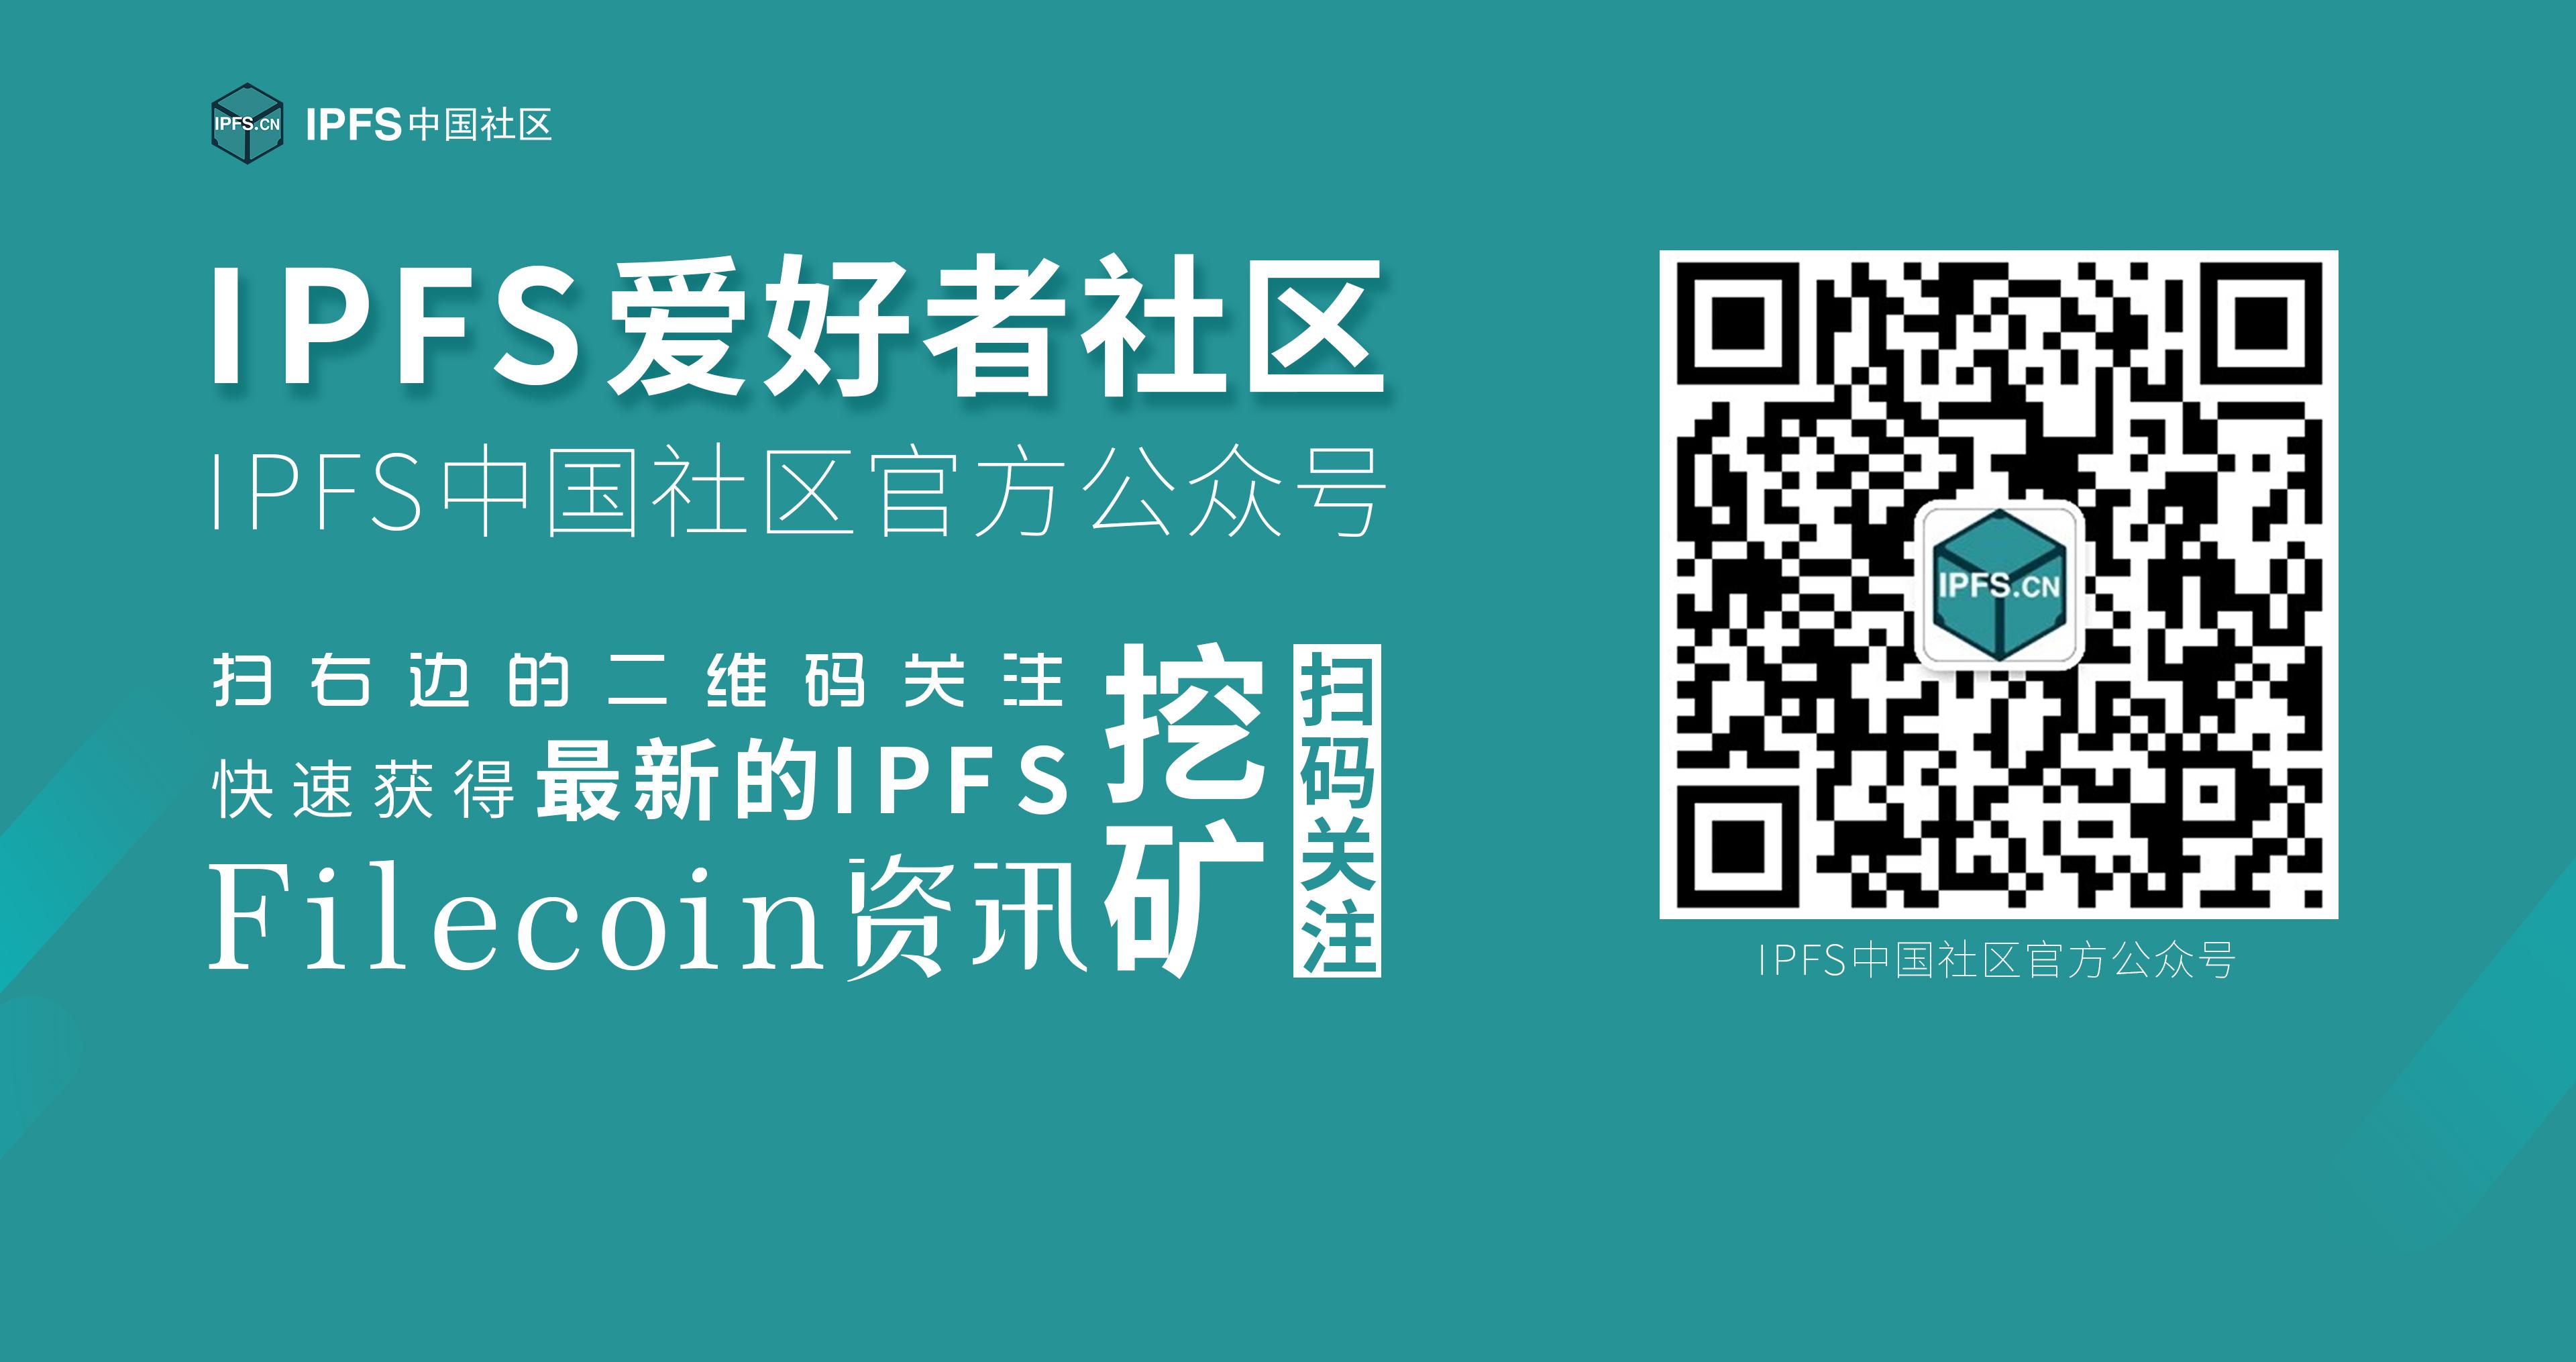 IPFS中国社区